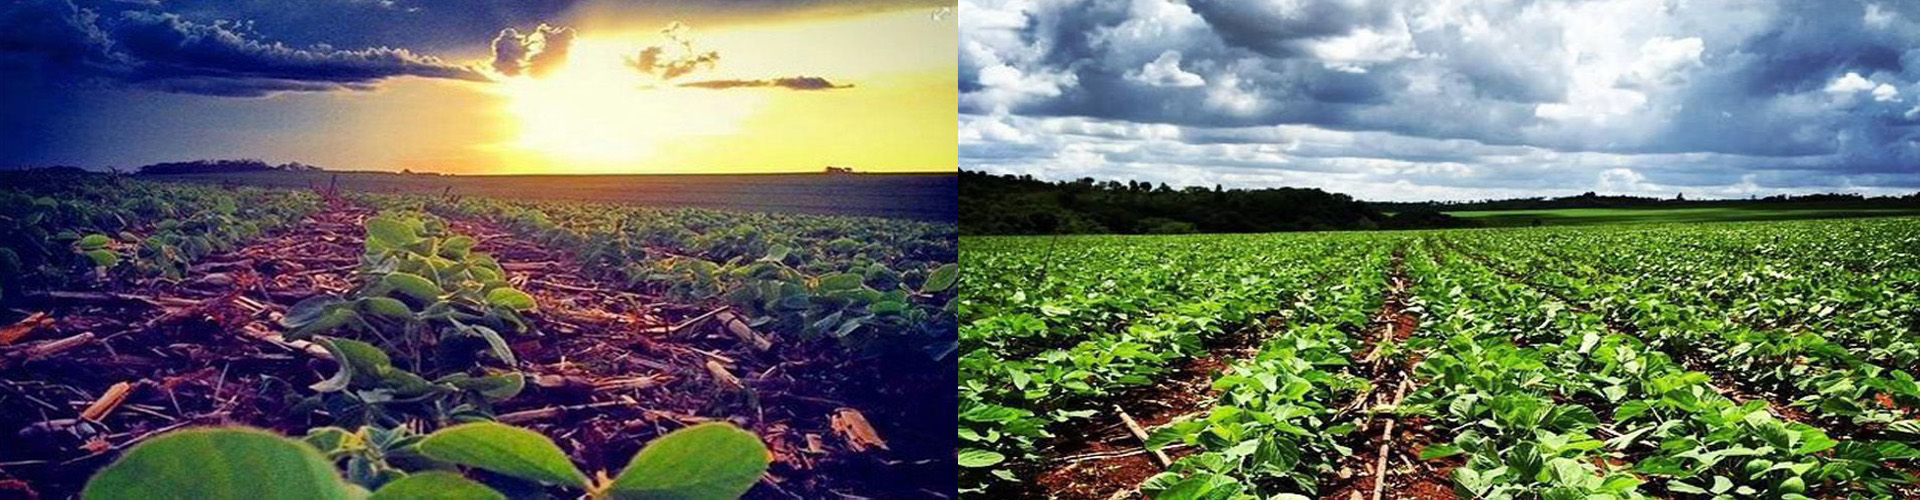 Fazenda de soja, Capitan Bado, Paraguay |foto de Karina Dametto |Estância Nova Esperança, Capitan Bado, Paraguay |foto de Marco Aurélio Dametto